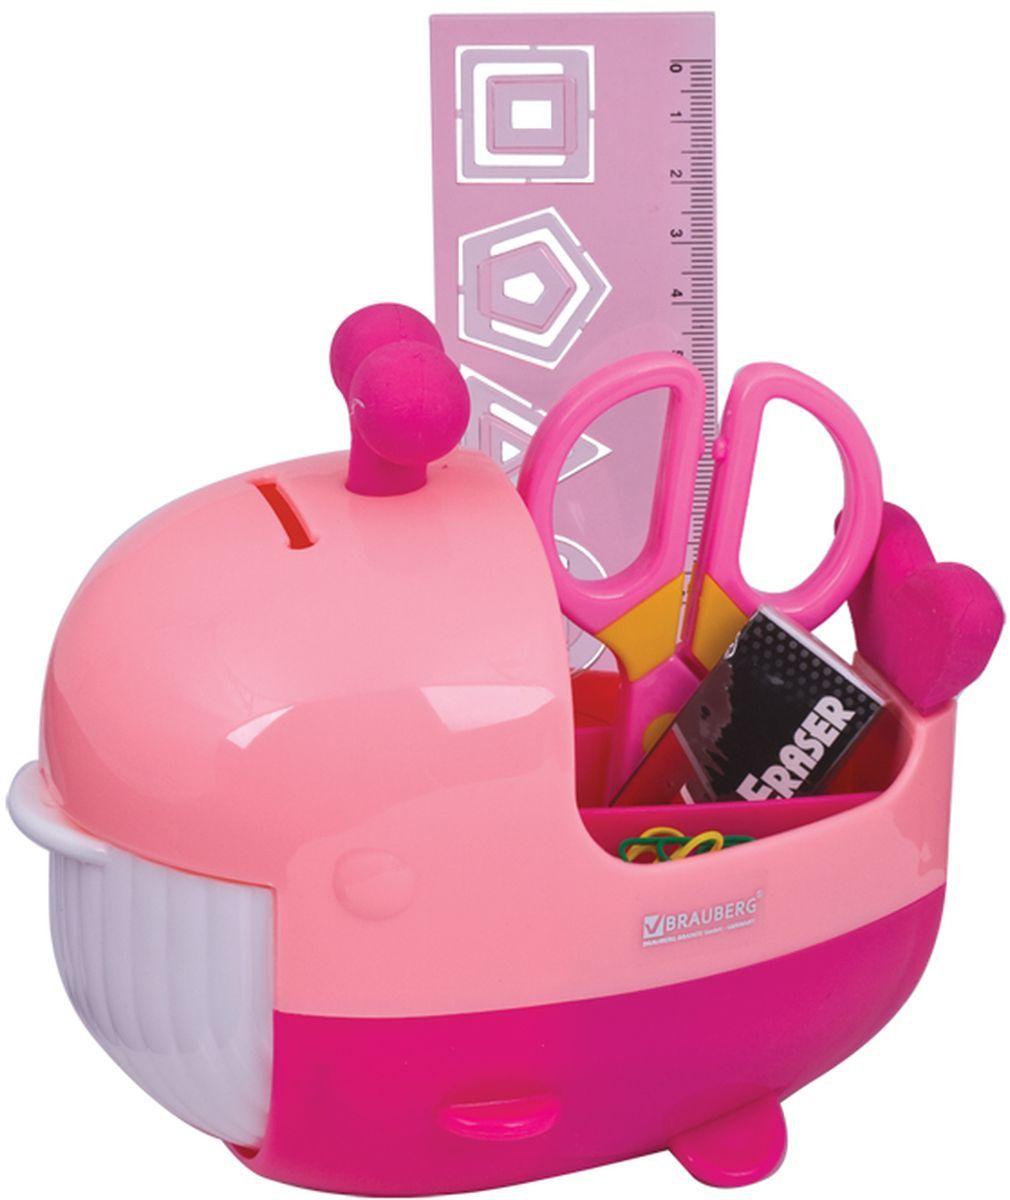 Brauberg Канцелярский набор Кит цвет розовый 4 предметаFS-00103Канцелярский набор Brauberg Кит выполнен из высококачественного яркого пластика и позволяет практично, удобно и оригинально организовать место для учебы и развлечений ребенка.Подставка для канцелярских принадлежностей выполнена в виде кита с открывающейся пастью, внутри которой располагается дополнительное отделение для хранения. Хвост кита и фонтанчик на его голове являются съемными ластиками. В набор также входят: сантиметровая линейка с вырубками-трафаретами в виде геометрических фигур, безопасные ножницы, ластик, канцелярские скрепки. Необычный канцелярский набор понравится любому школьнику и сделает учебу более интересной.